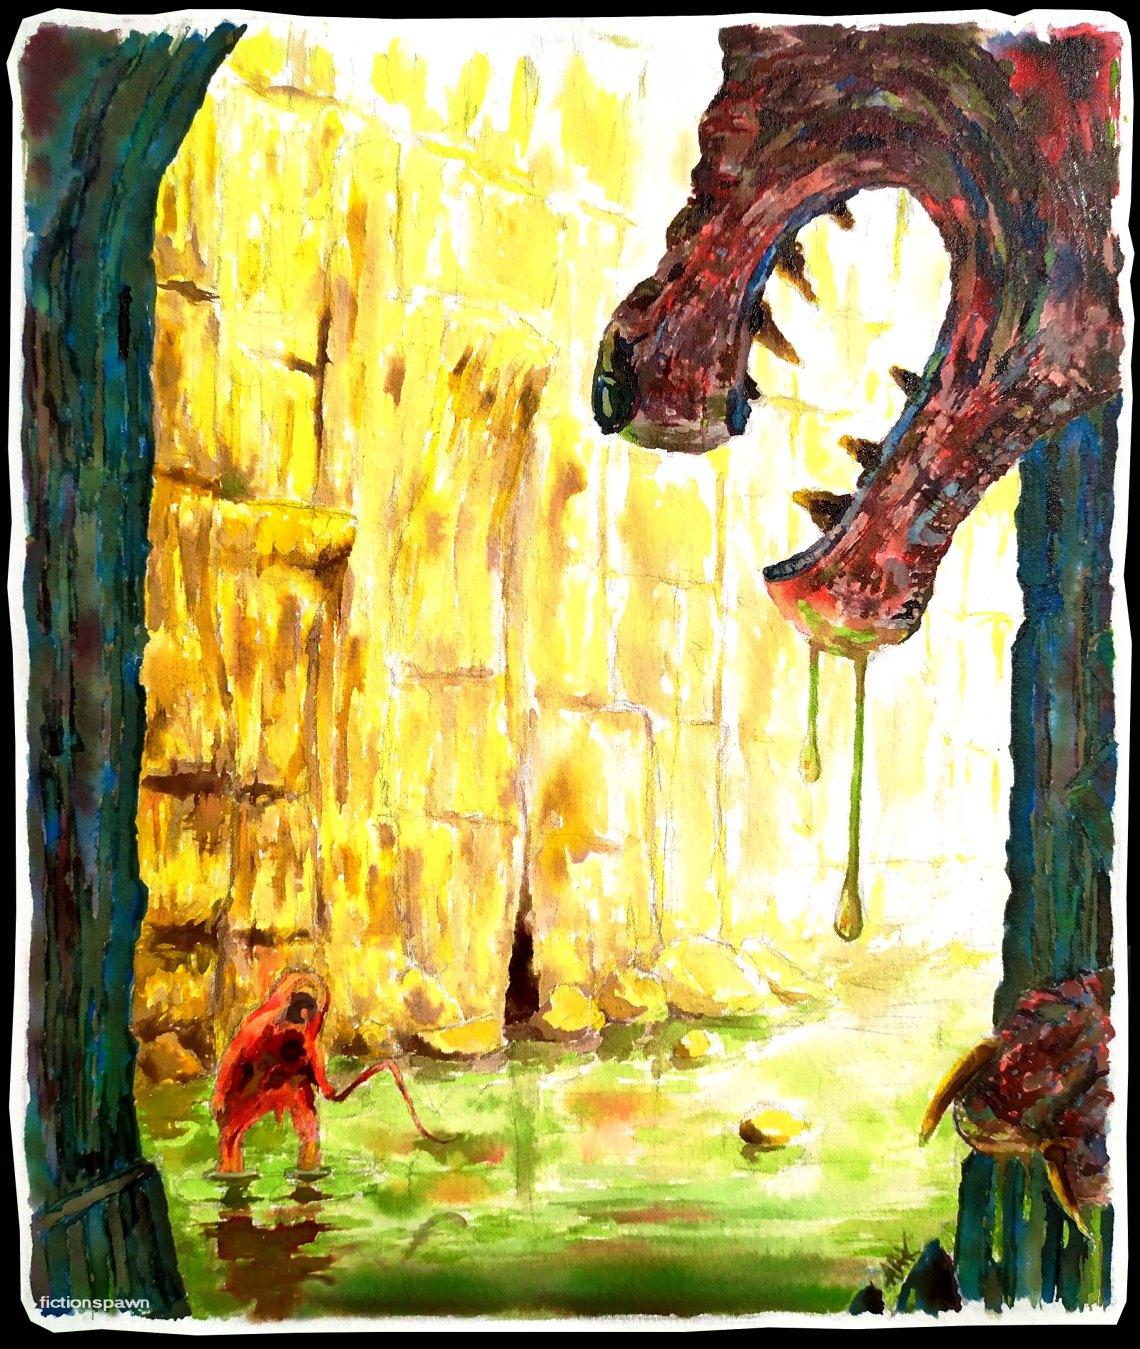 Swamp creature 2